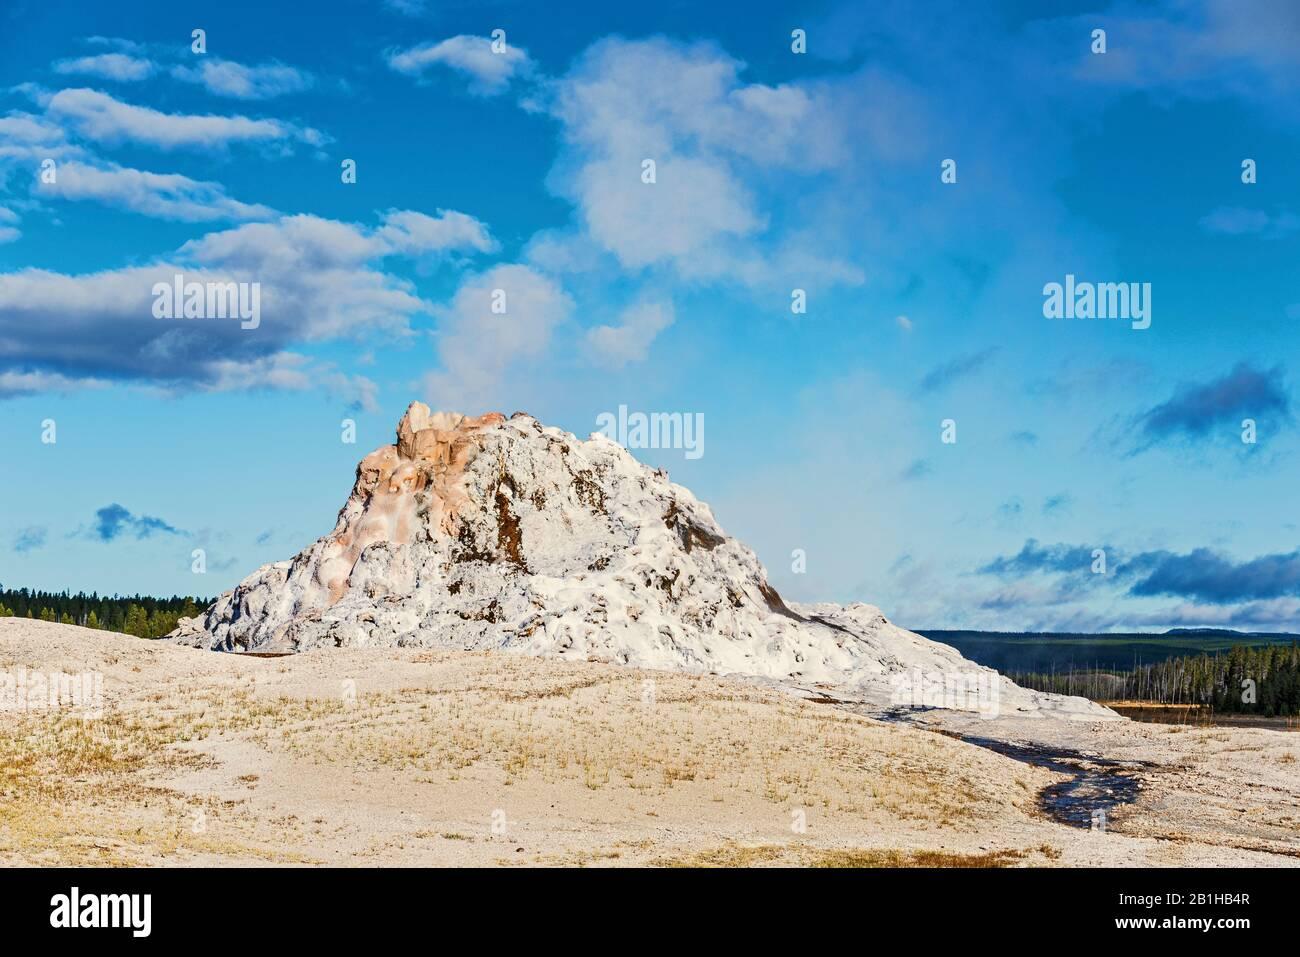 Formación de roca géiser humeante contra un cielo azul con nubes blancas. Foto de stock